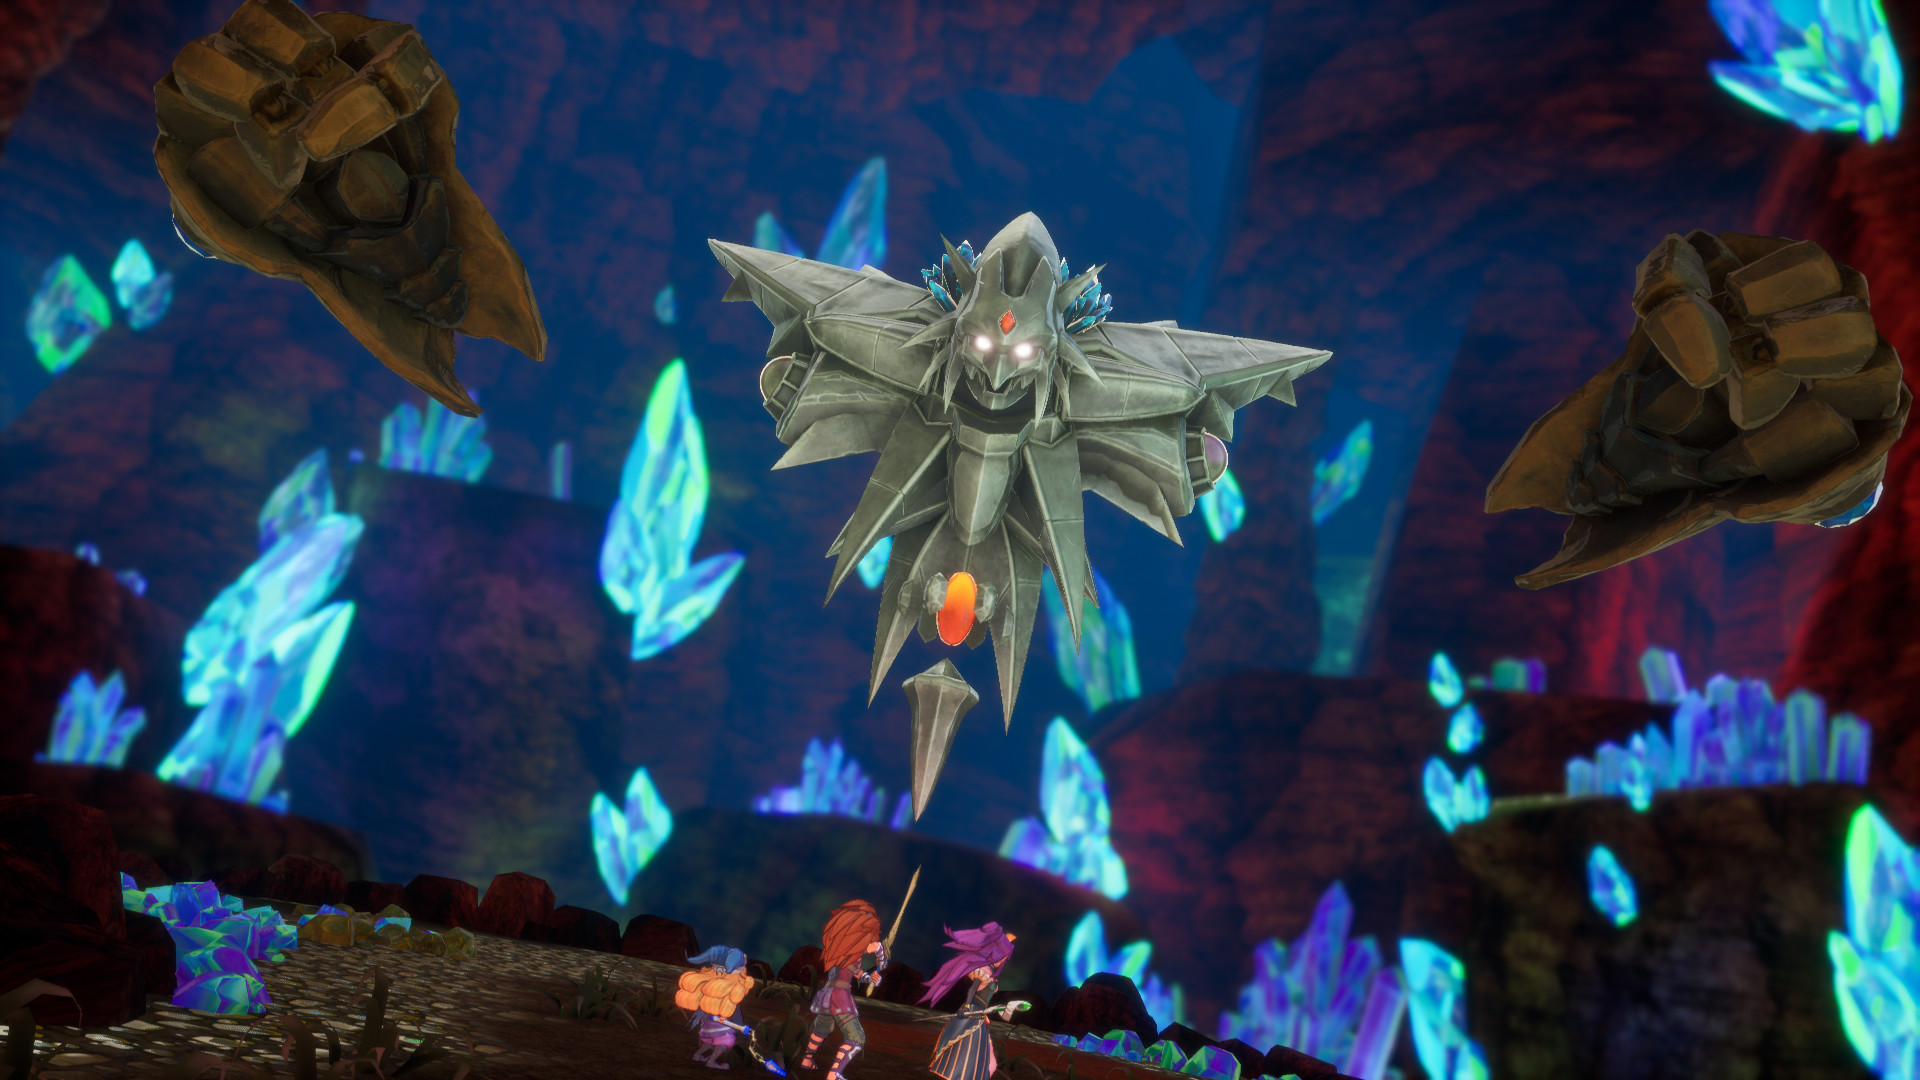 疑因玩家利用漏洞白嫖游戏 《圣剑传说3:重制版》试玩Demo下架